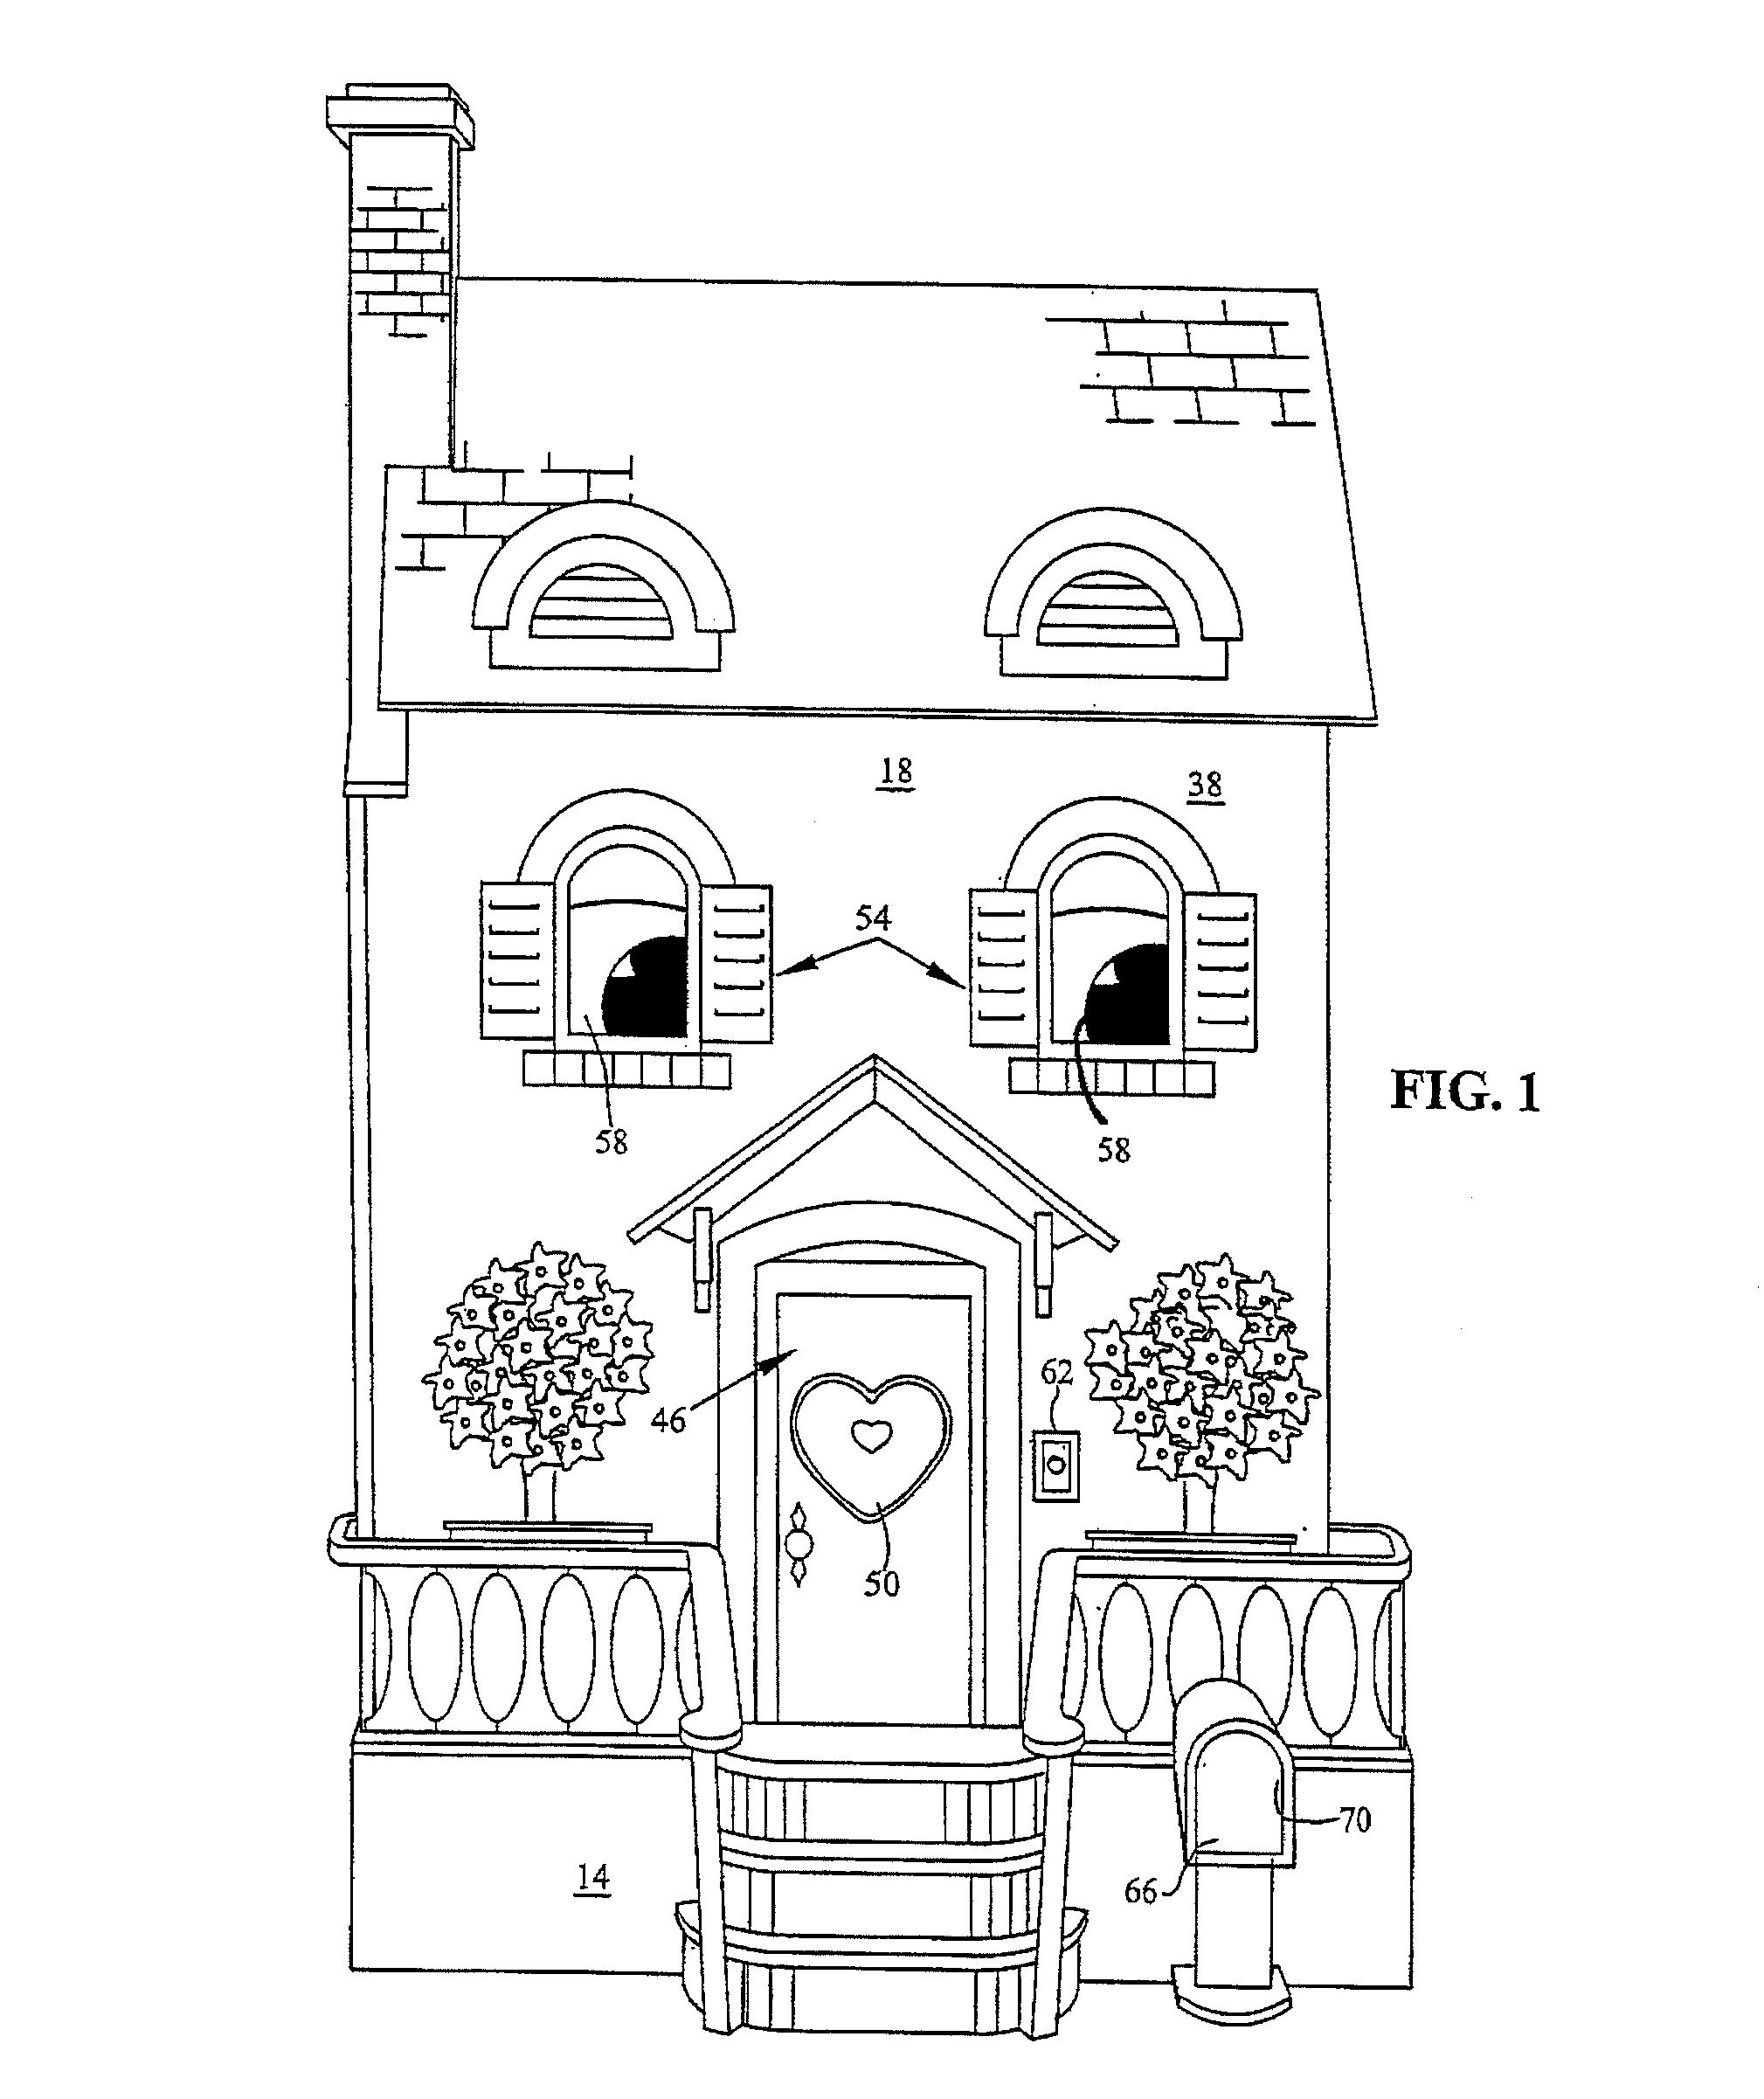 patent us8608529